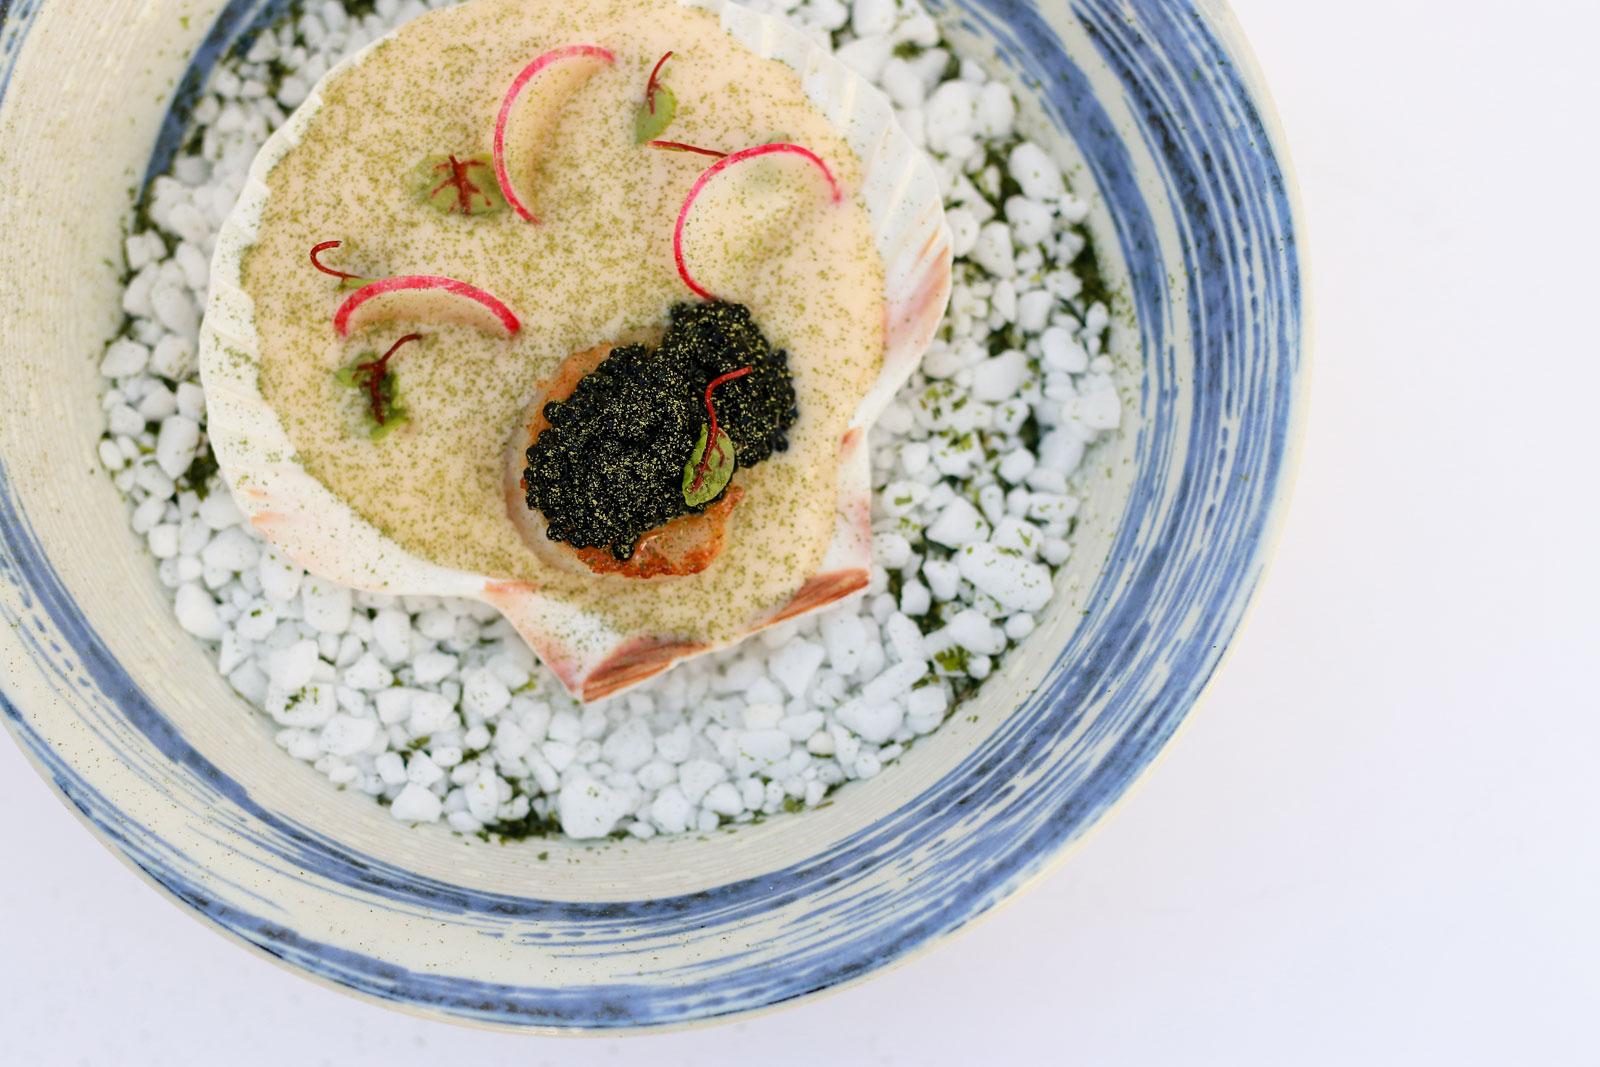 Ancora To Celebrate 4th Annual Caviar Festival From November 6 photo